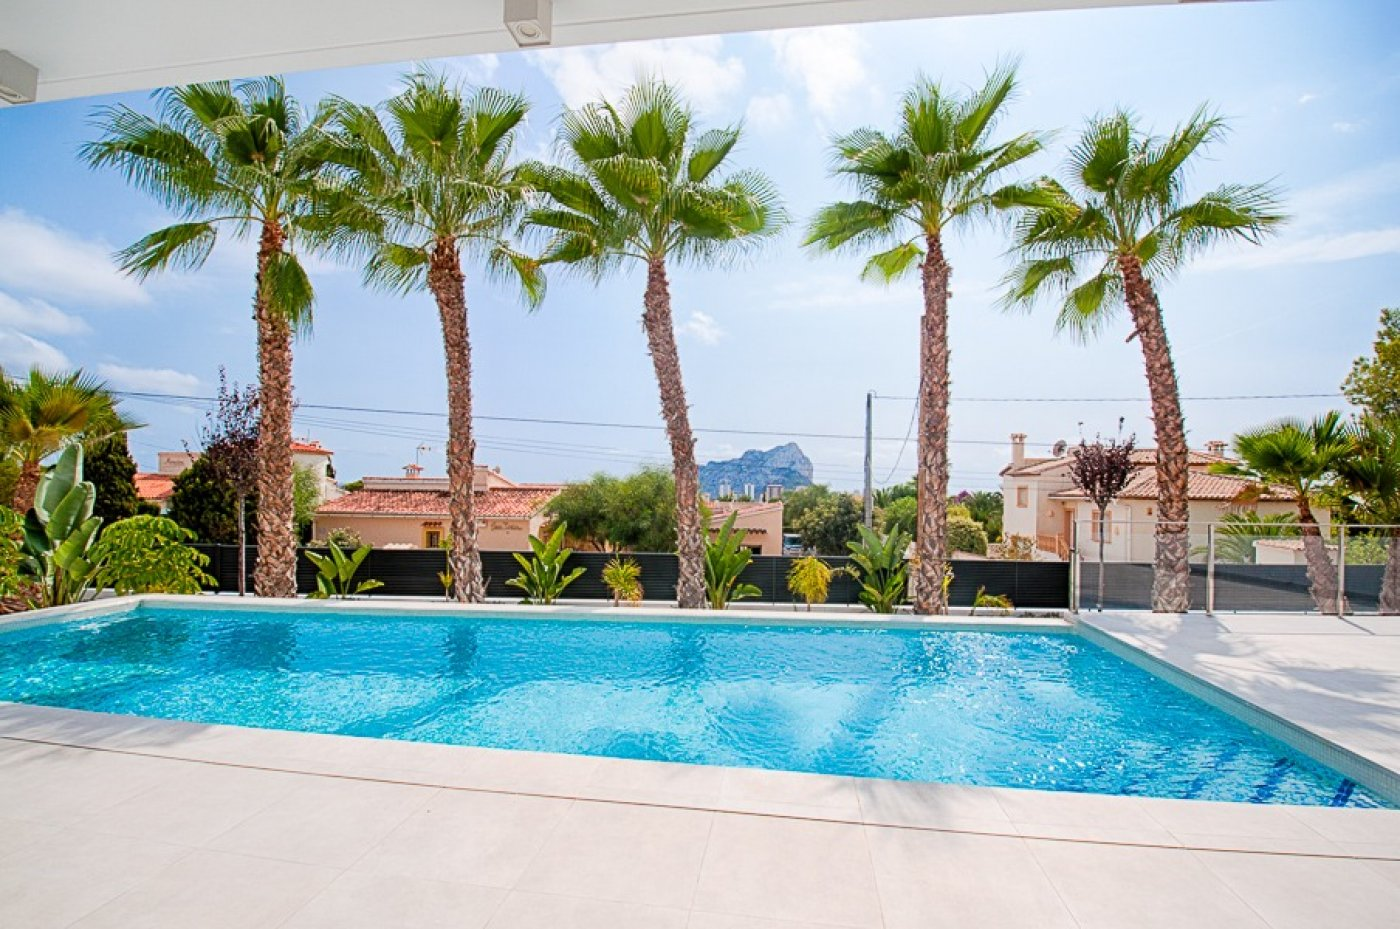 Estate Agents Moraira – Property for sale in Moraira – Villa – Gran Sol – Calpe